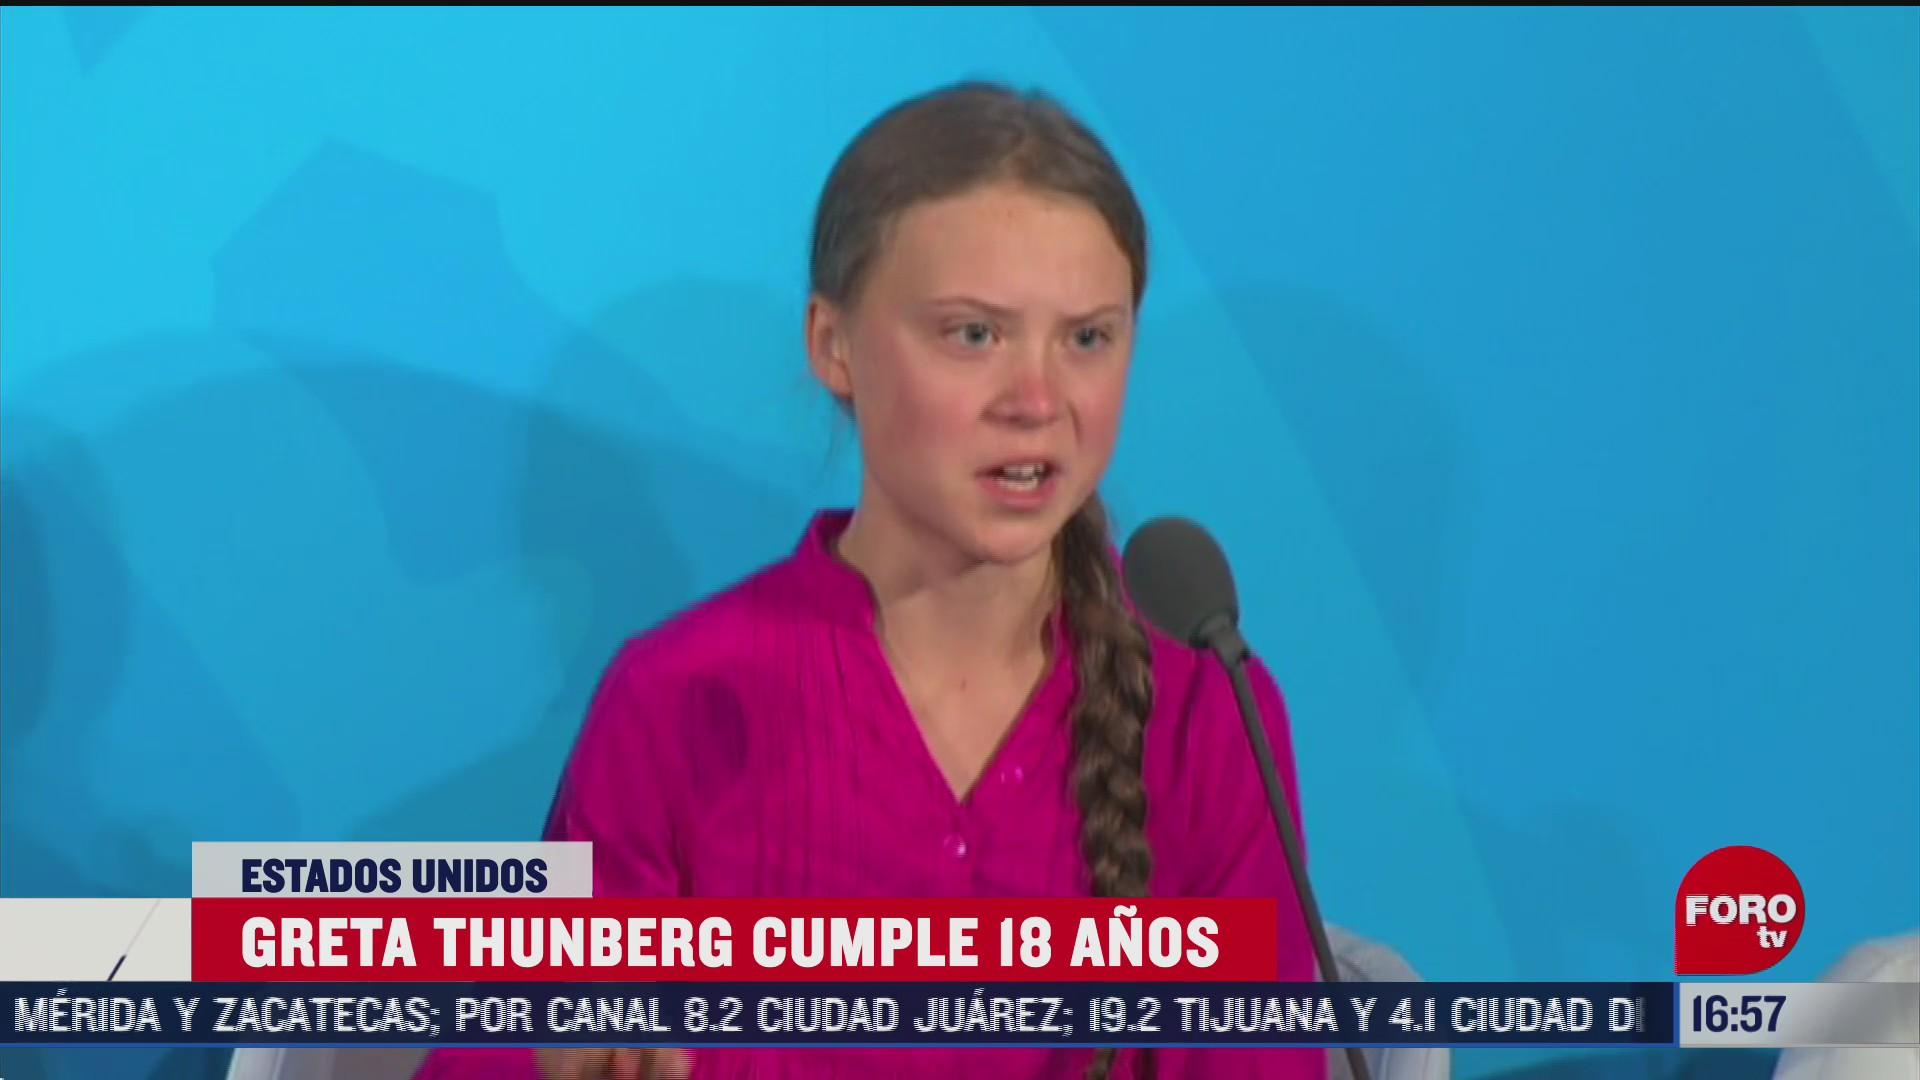 la activista greta thunberg cumple 18 anos